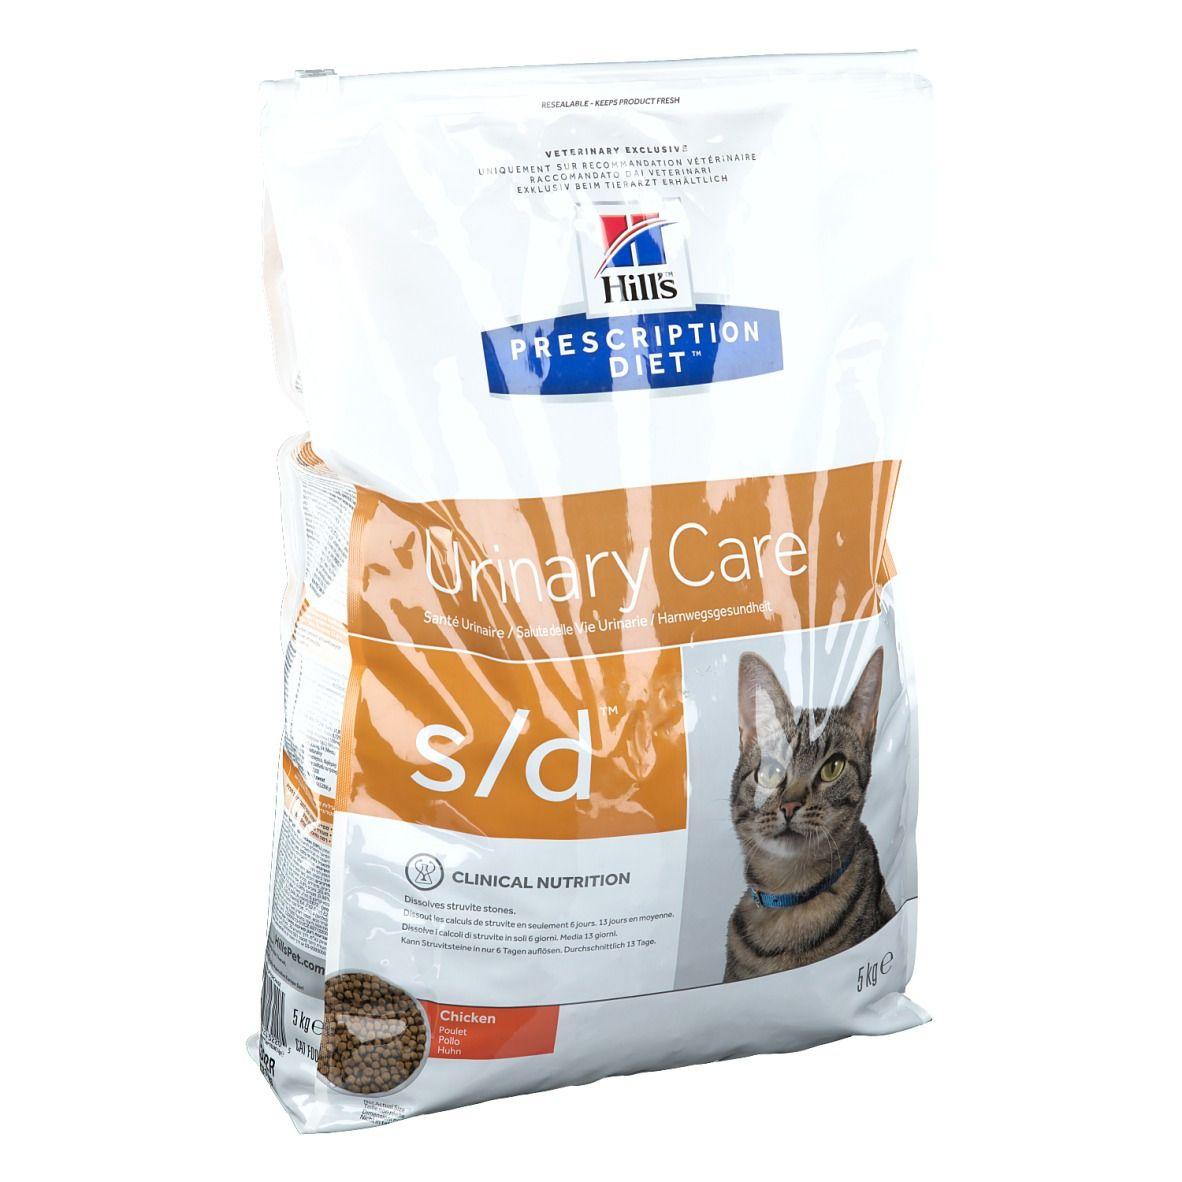 Hill's Prescription Diet s/d Alimento per Gatti al Pollo 5 kg Impianti